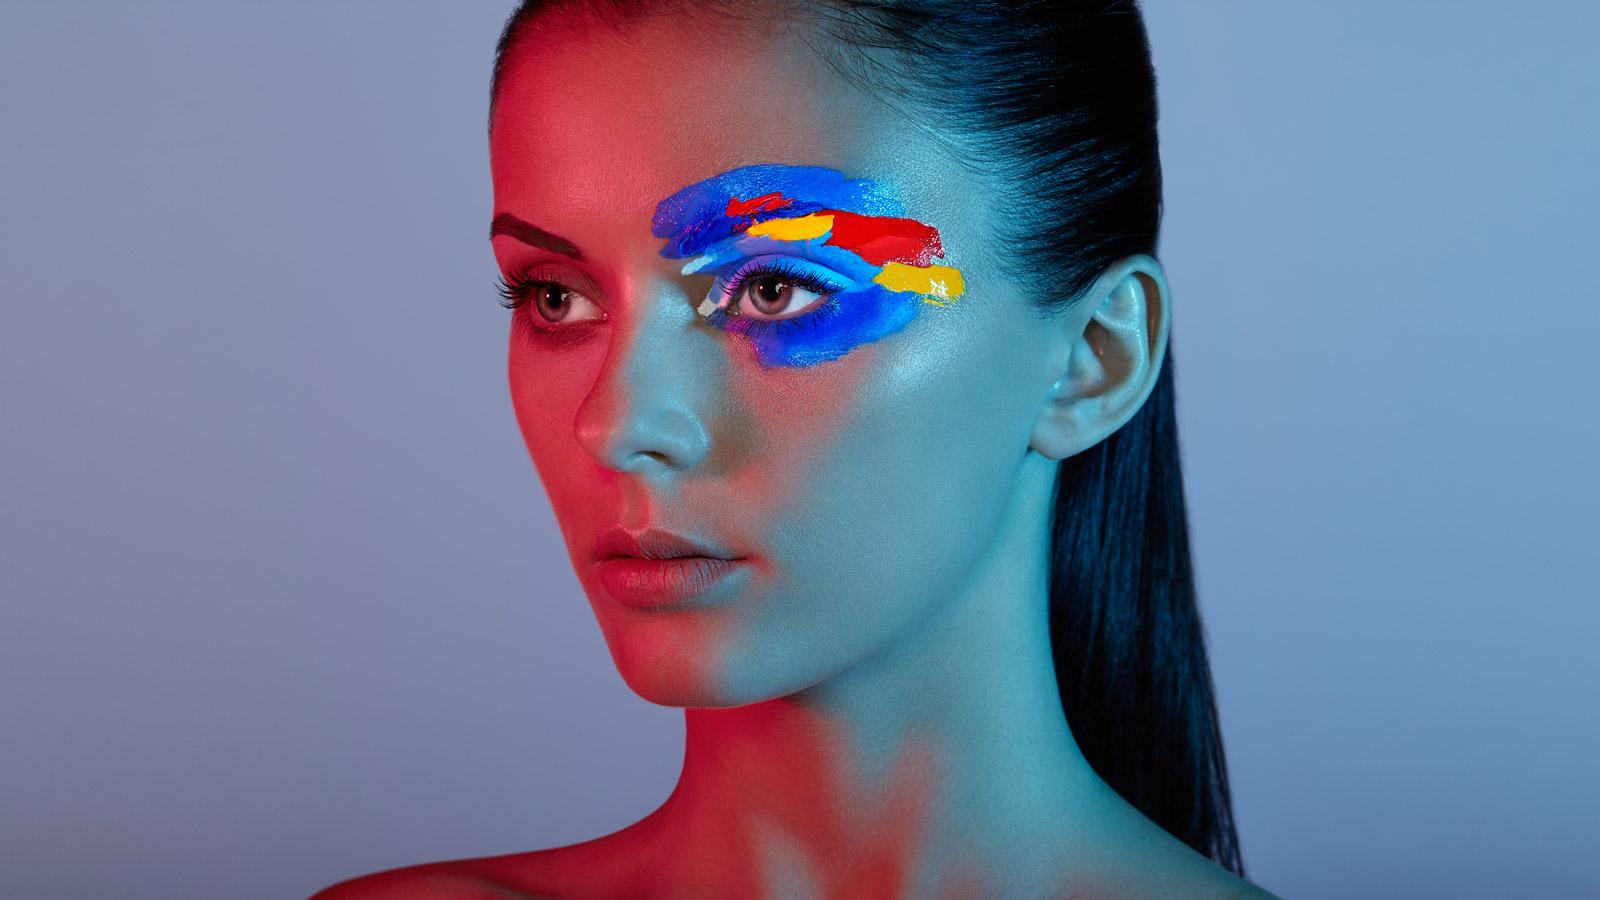 Czy social media sprzedają modę? – RAPORT moda mediarun modelka moda kolory swiatlo social media sm 2020